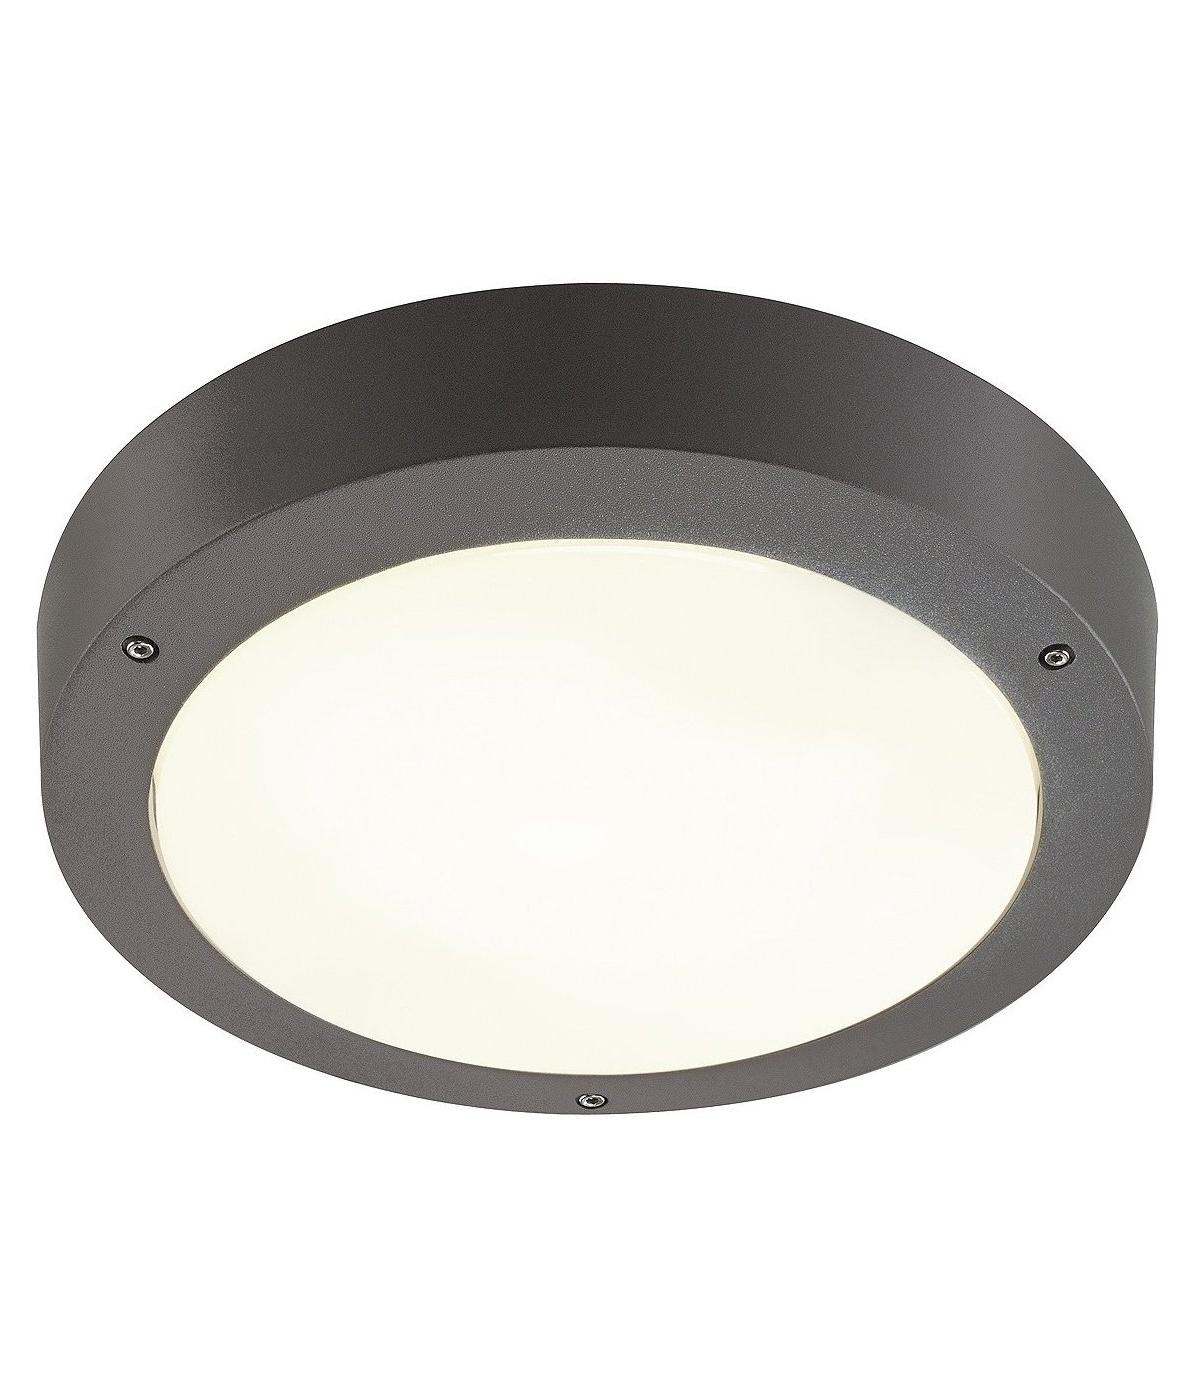 Trendy Outdoor Ceiling Sensor Light – Outdoor Designs Regarding Outdoor Ceiling Pir Lights (View 19 of 20)